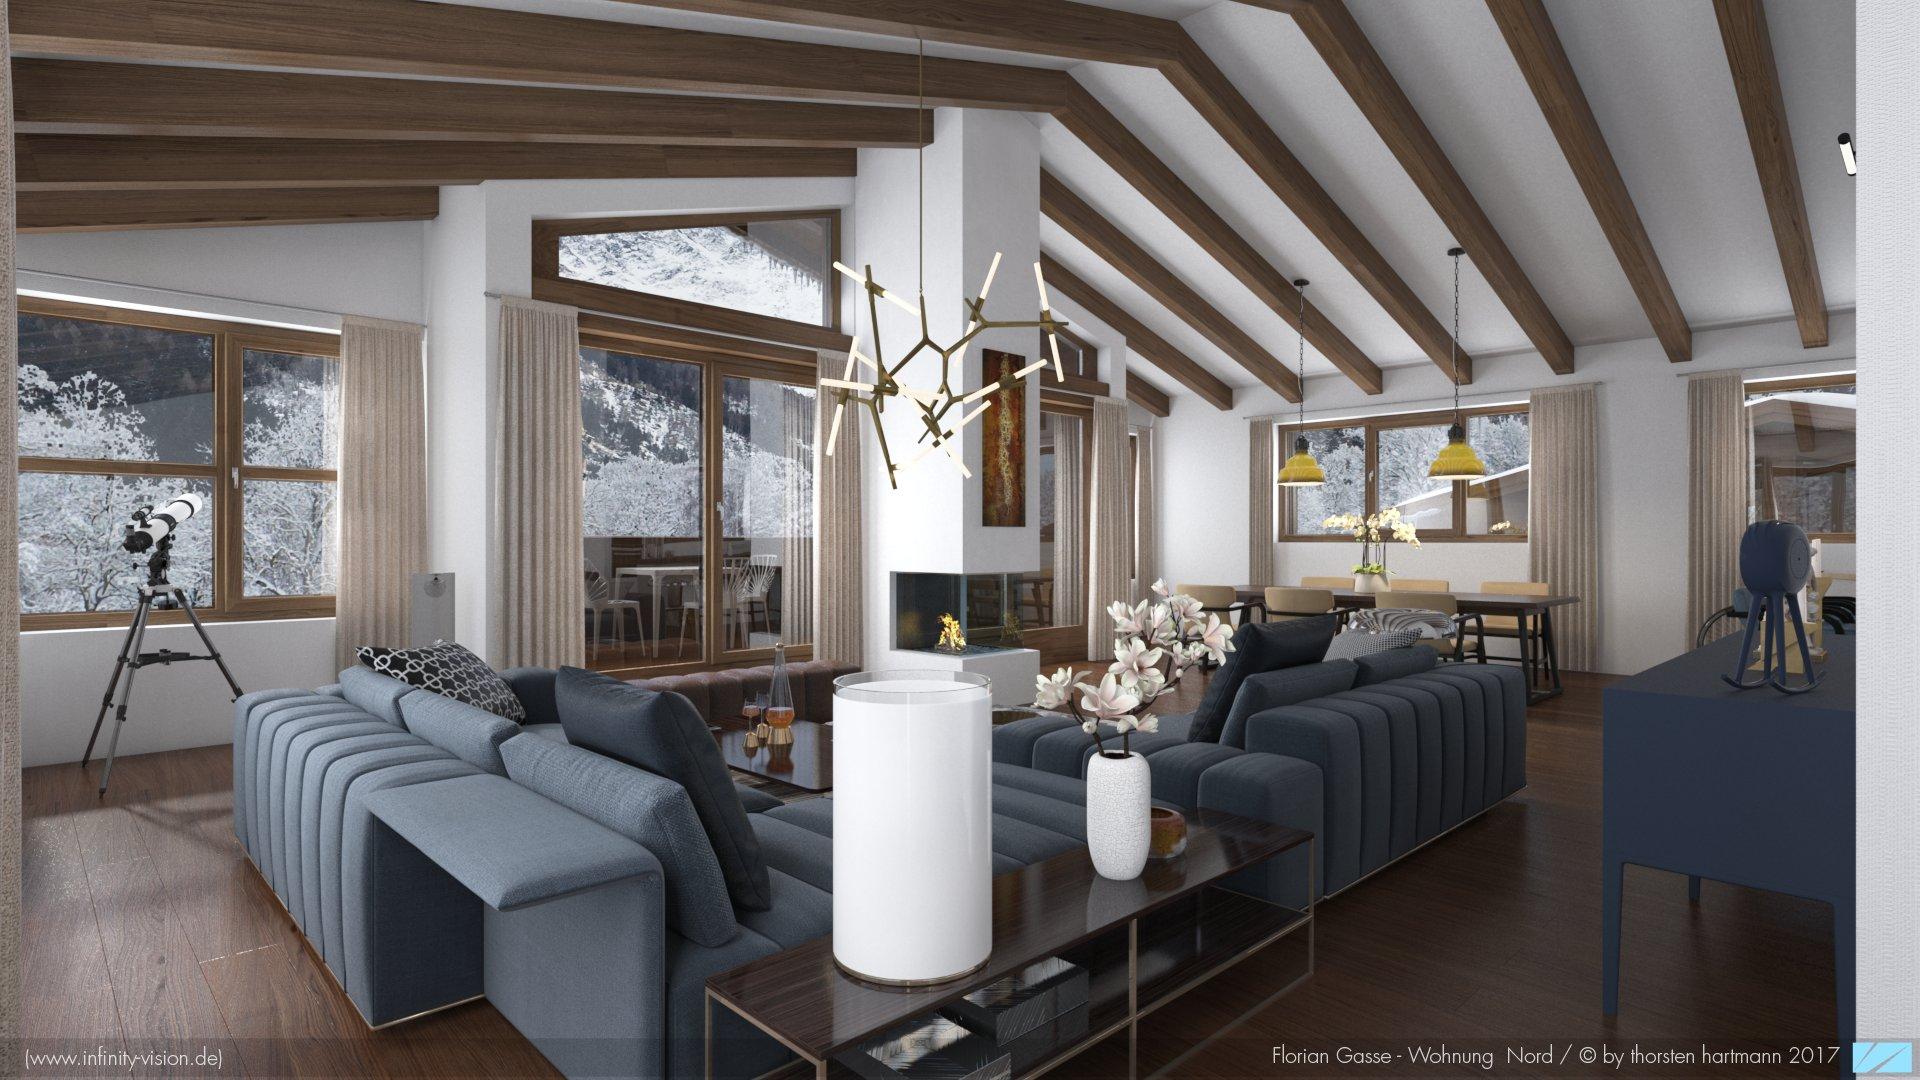 Florian Gasse / Wohnung